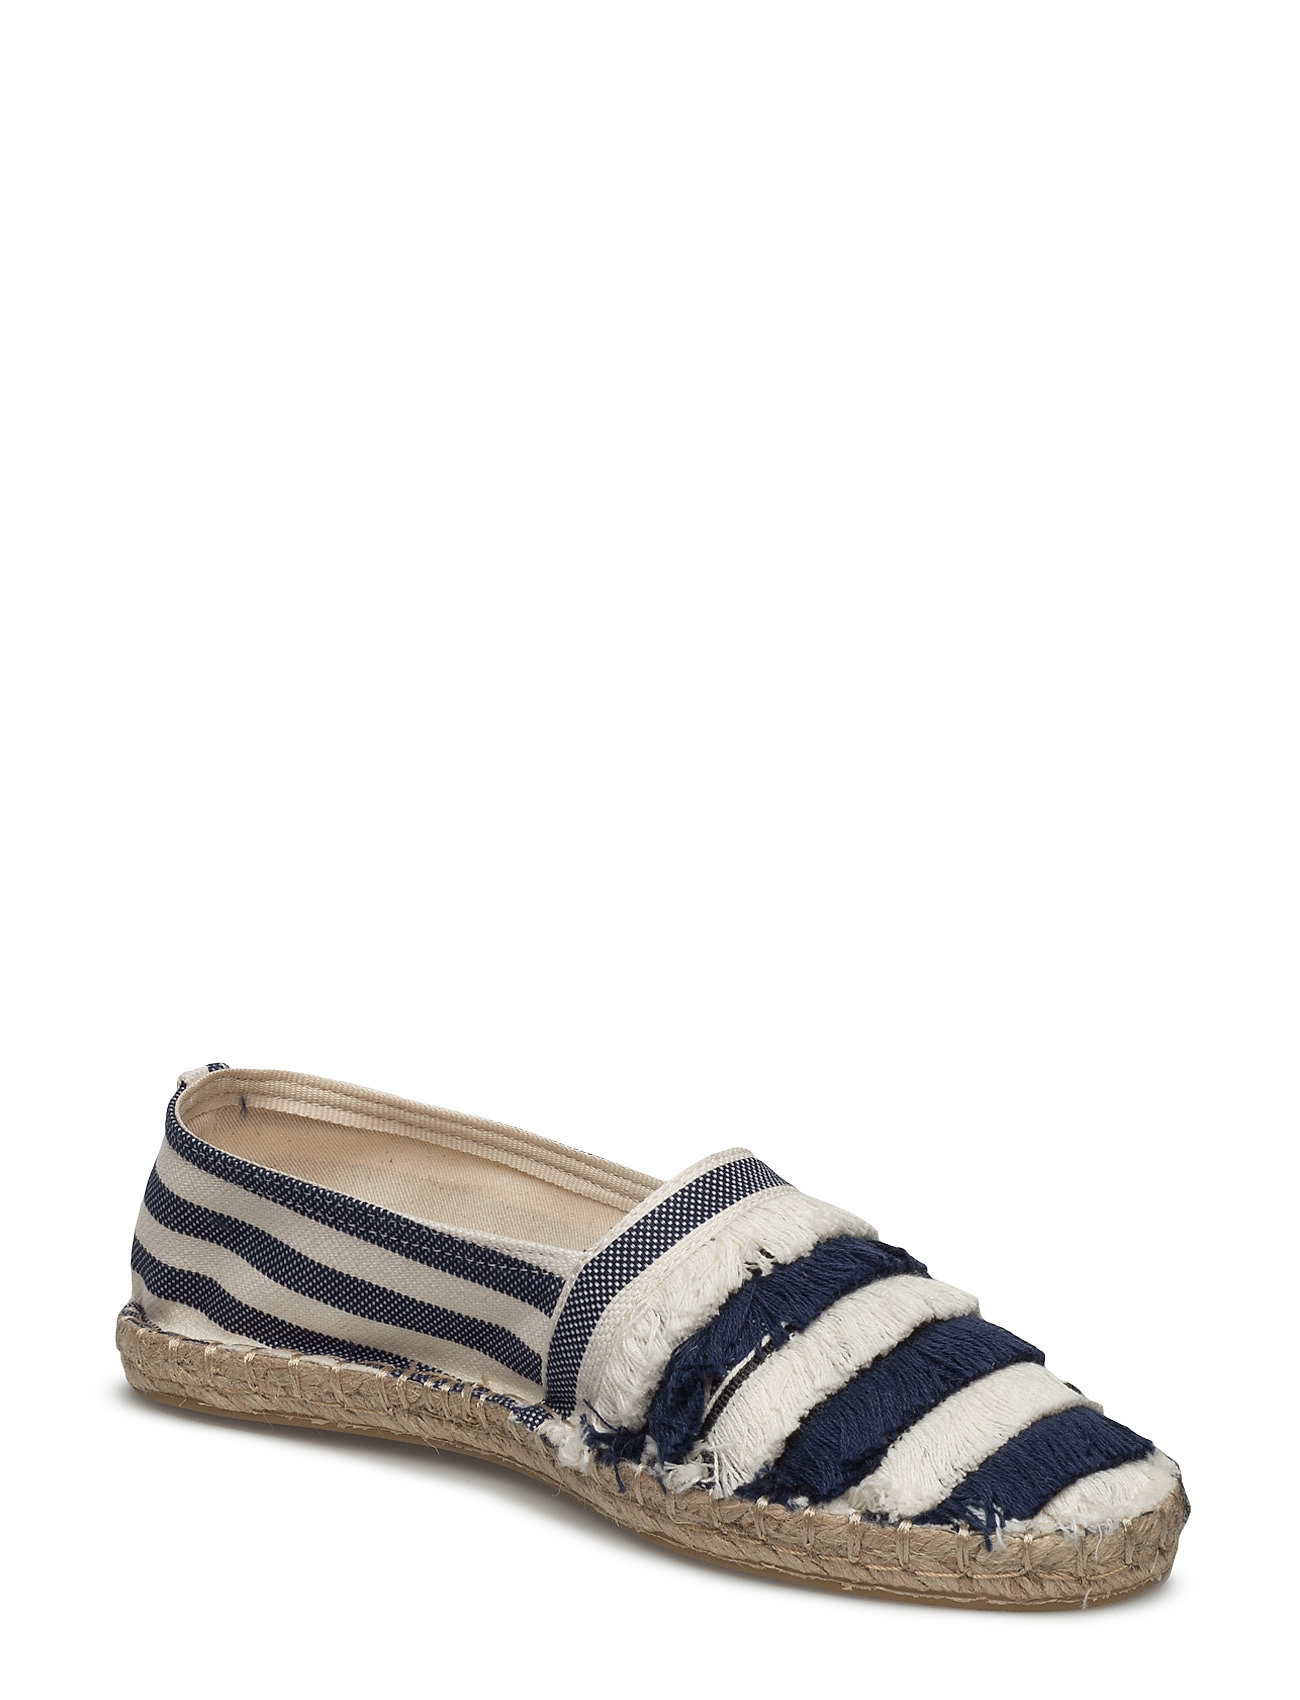 Striped Cotton Espadrilles Mango Sko til Kvinder i Navy blå